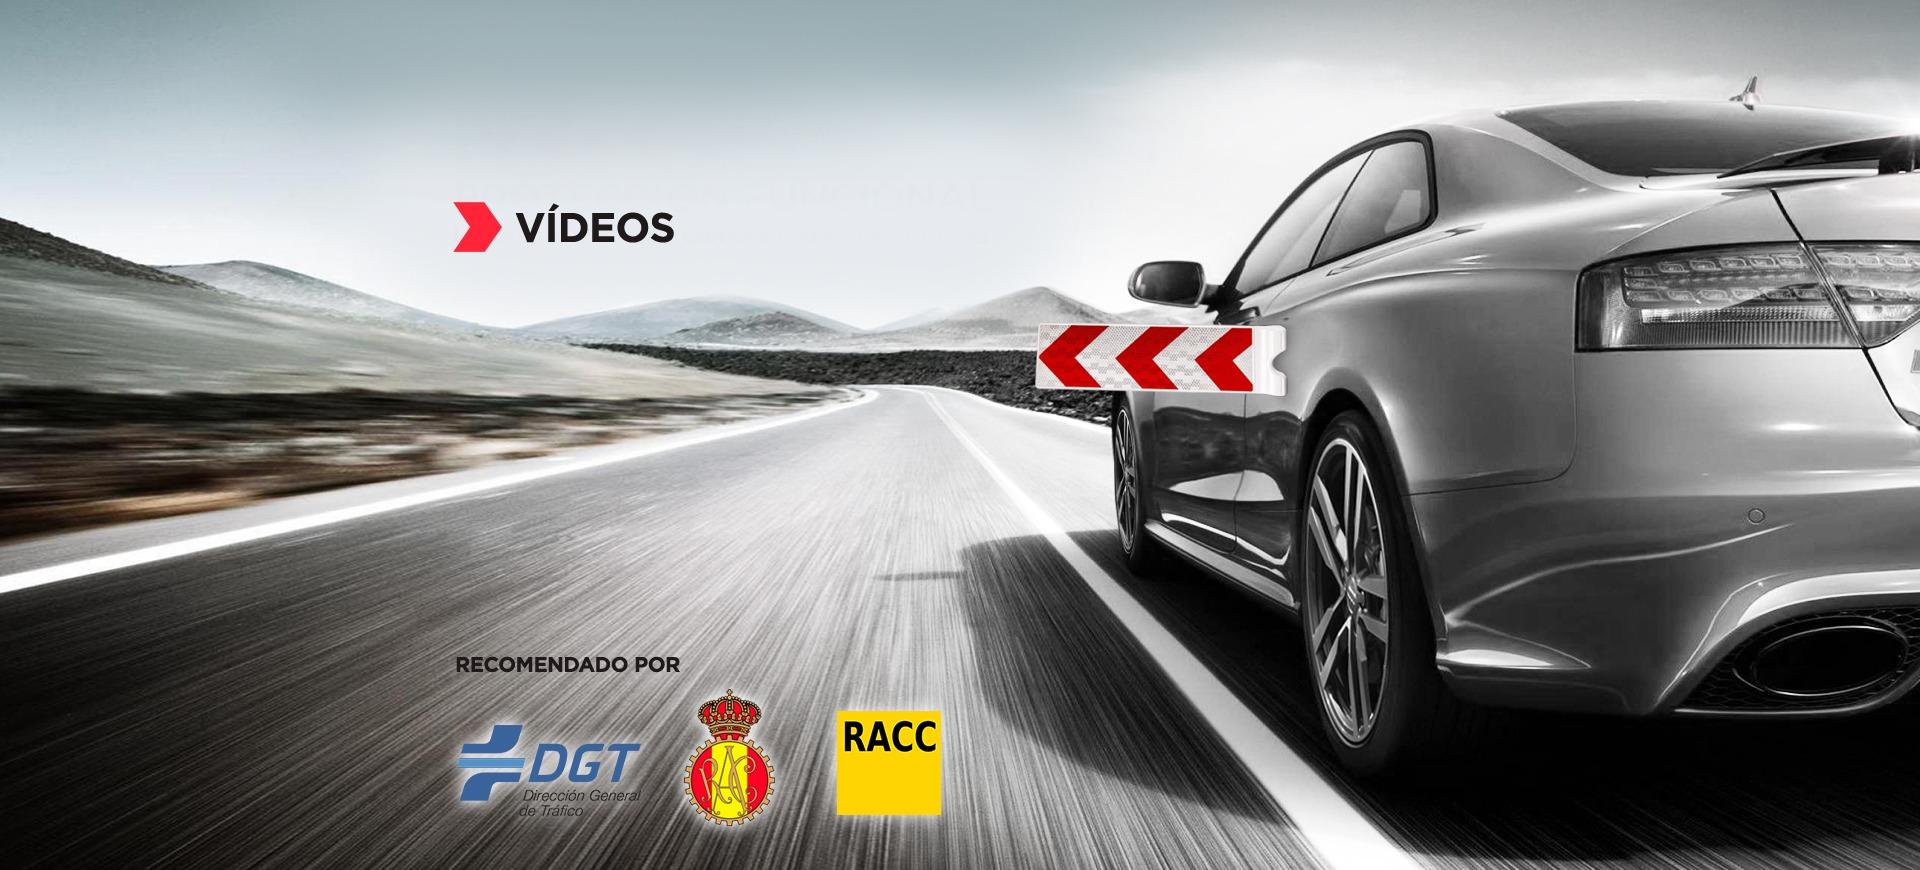 cab-videos